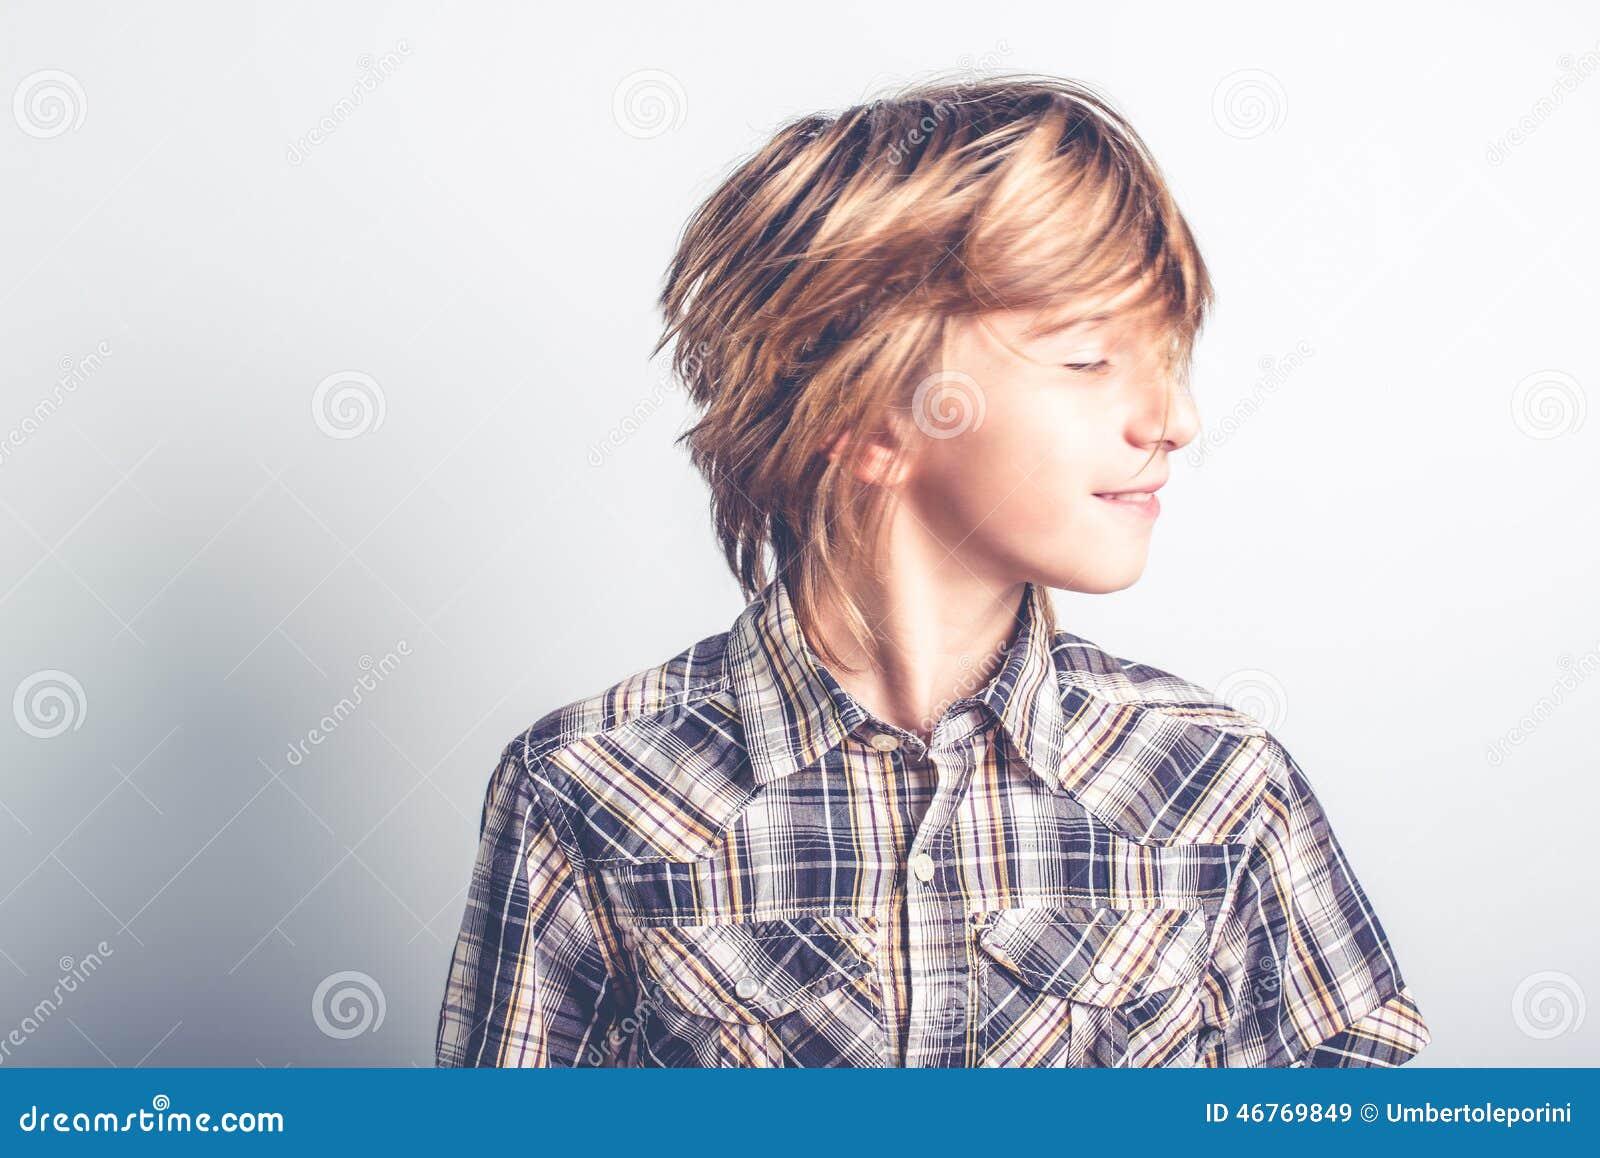 Bambino Fresco Con Capelli Lunghi Immagine Stock